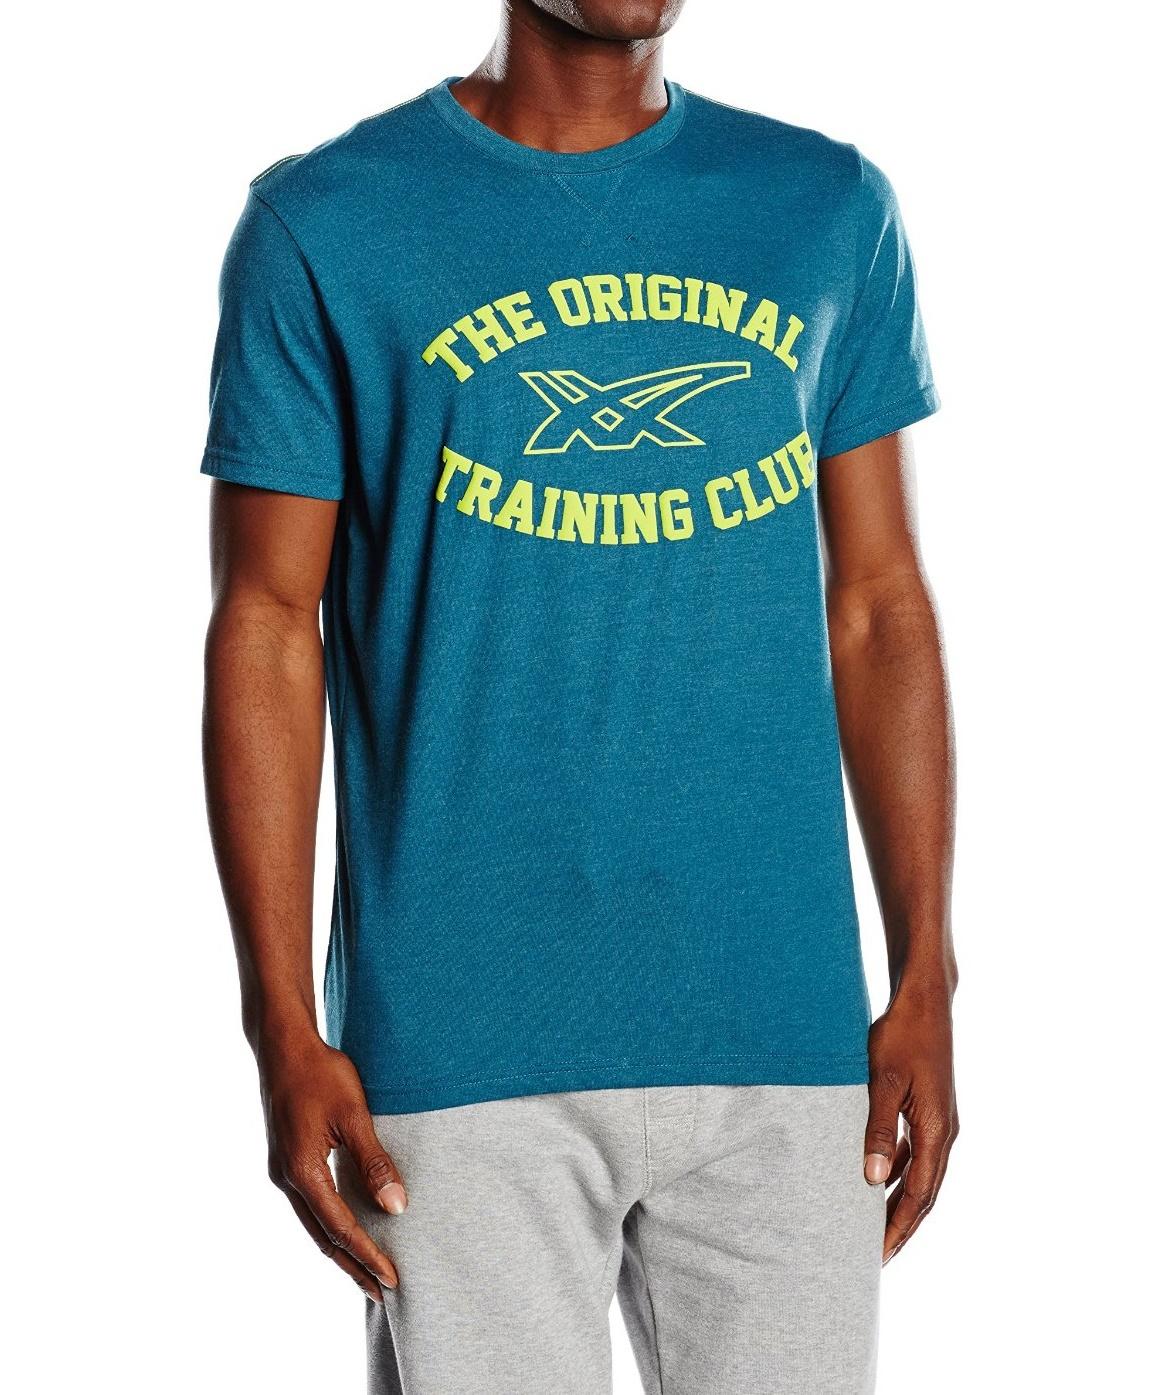 Мужская футболка Asics Graphic SS Top (125074 8125) синяя фото